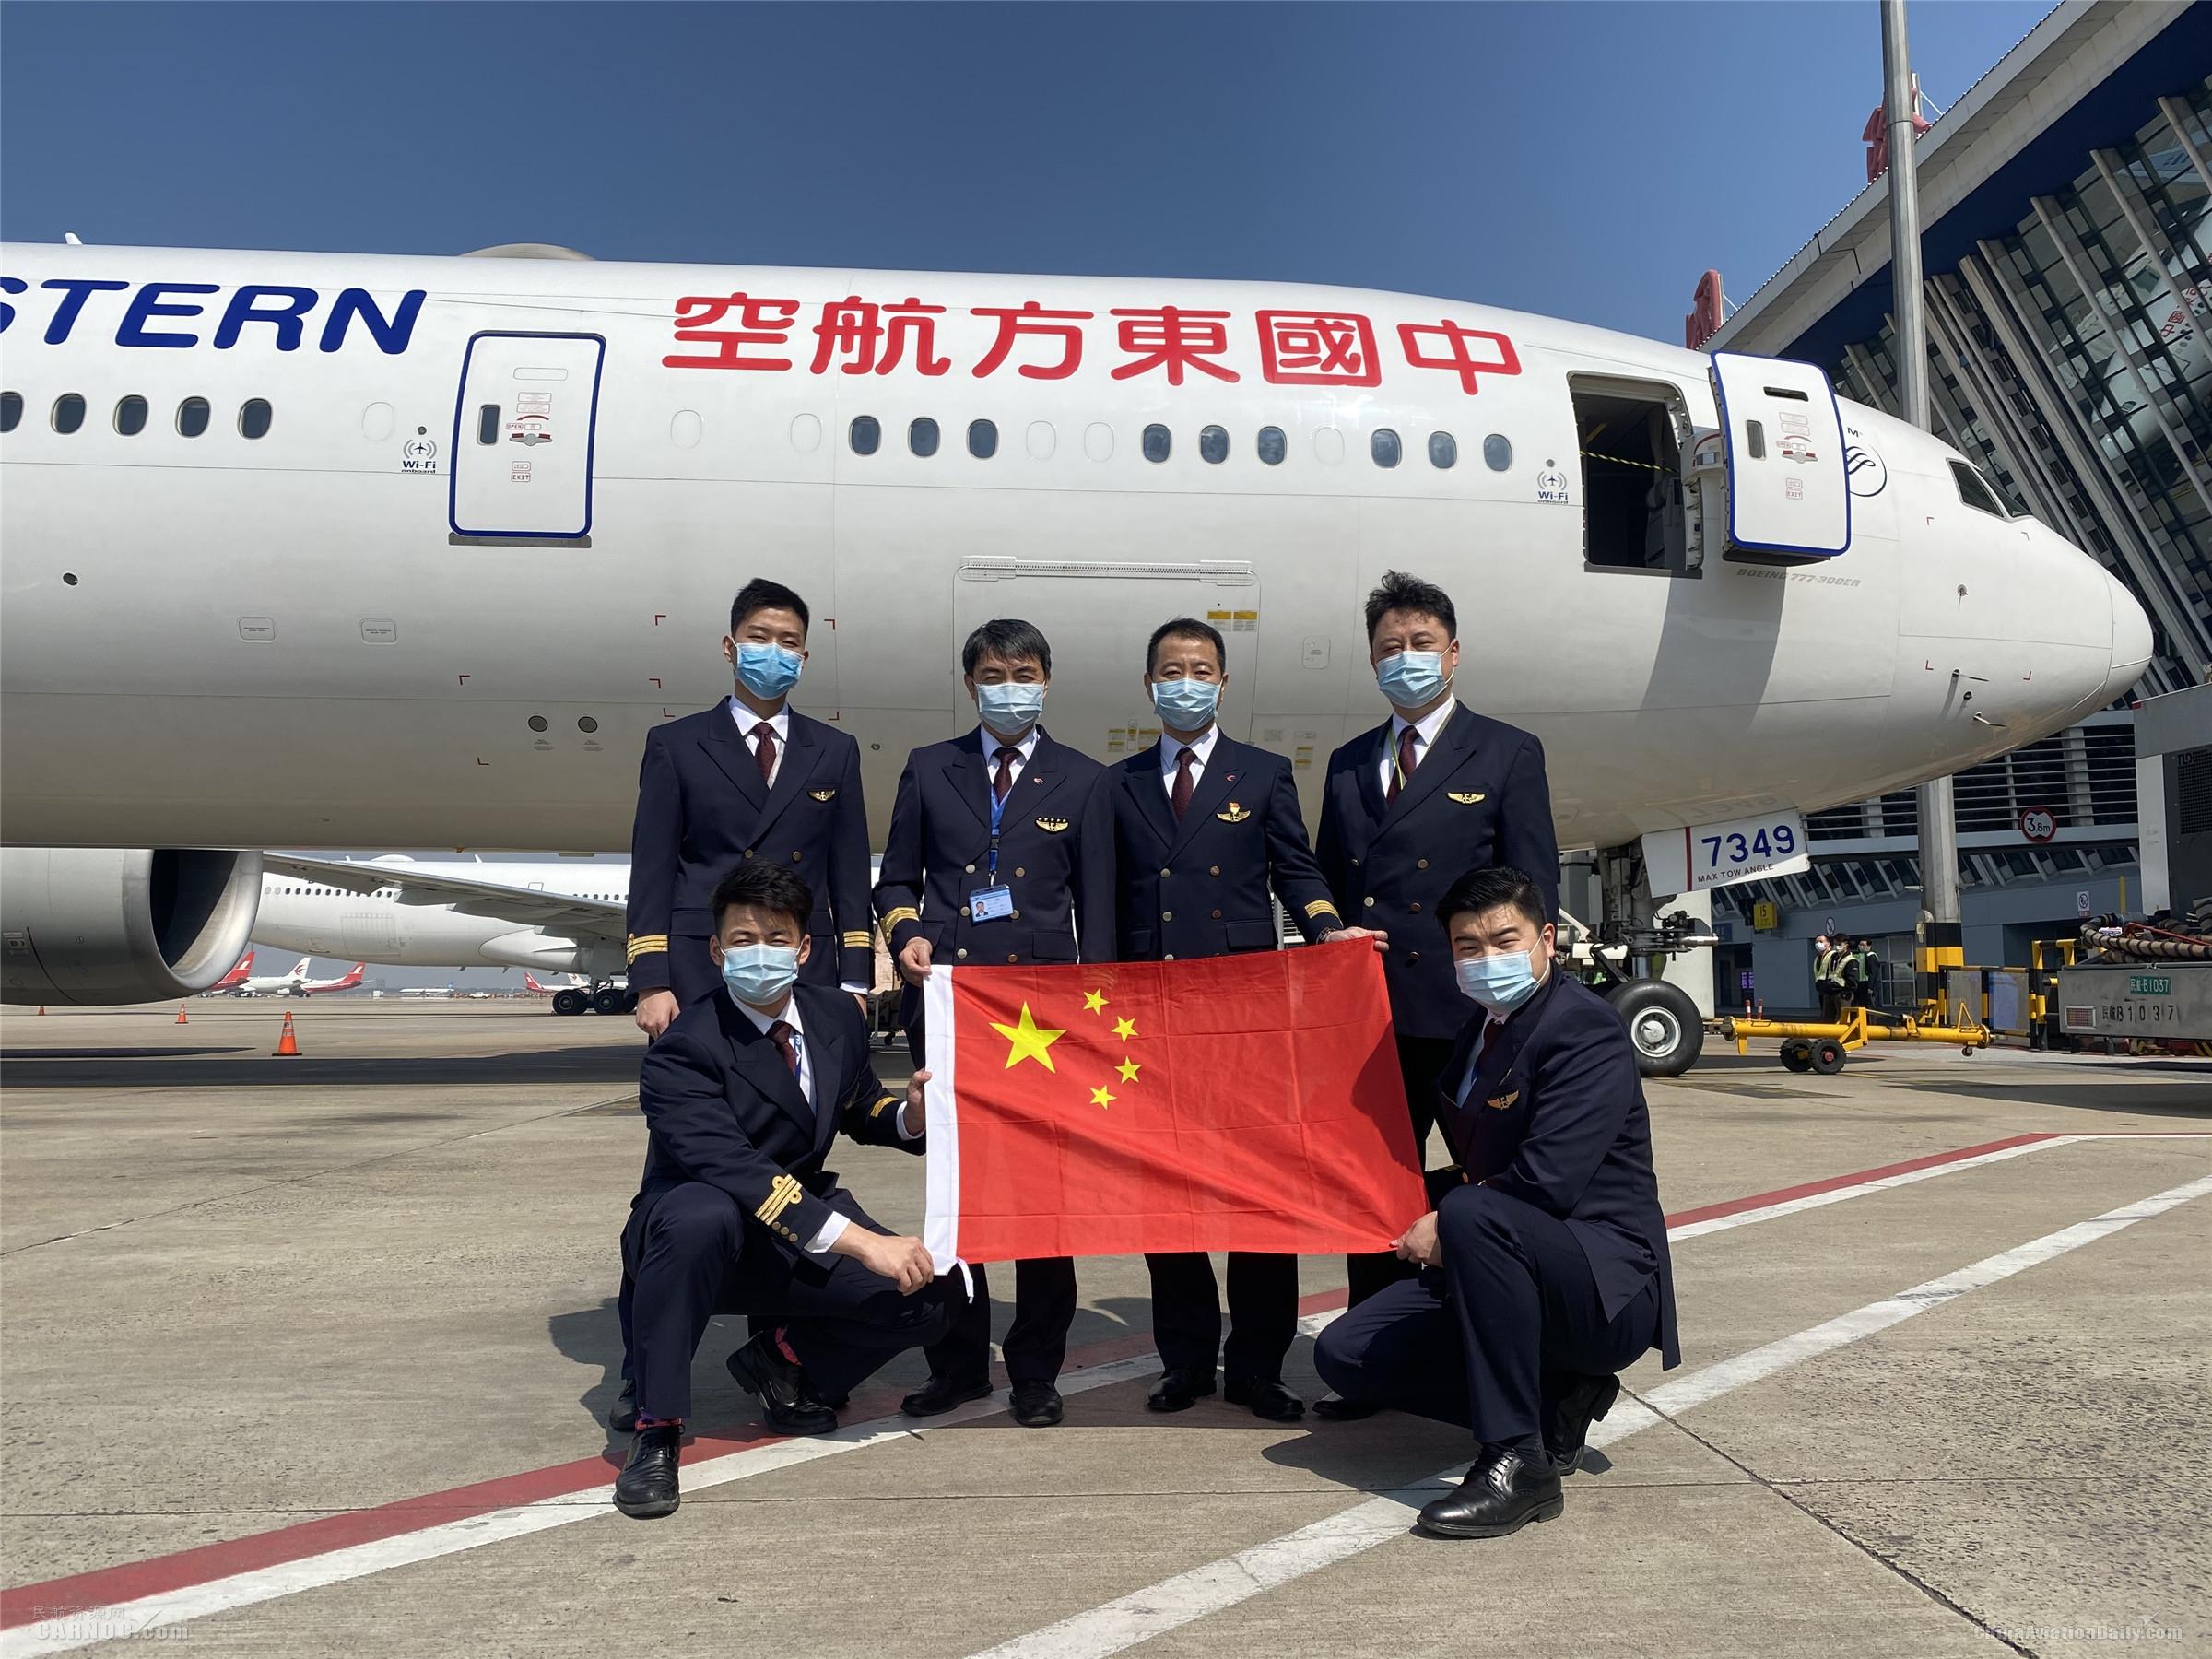 东航第二架包机再援意大利!携13名医疗专家、17.3吨抗疫物资飞赴米兰